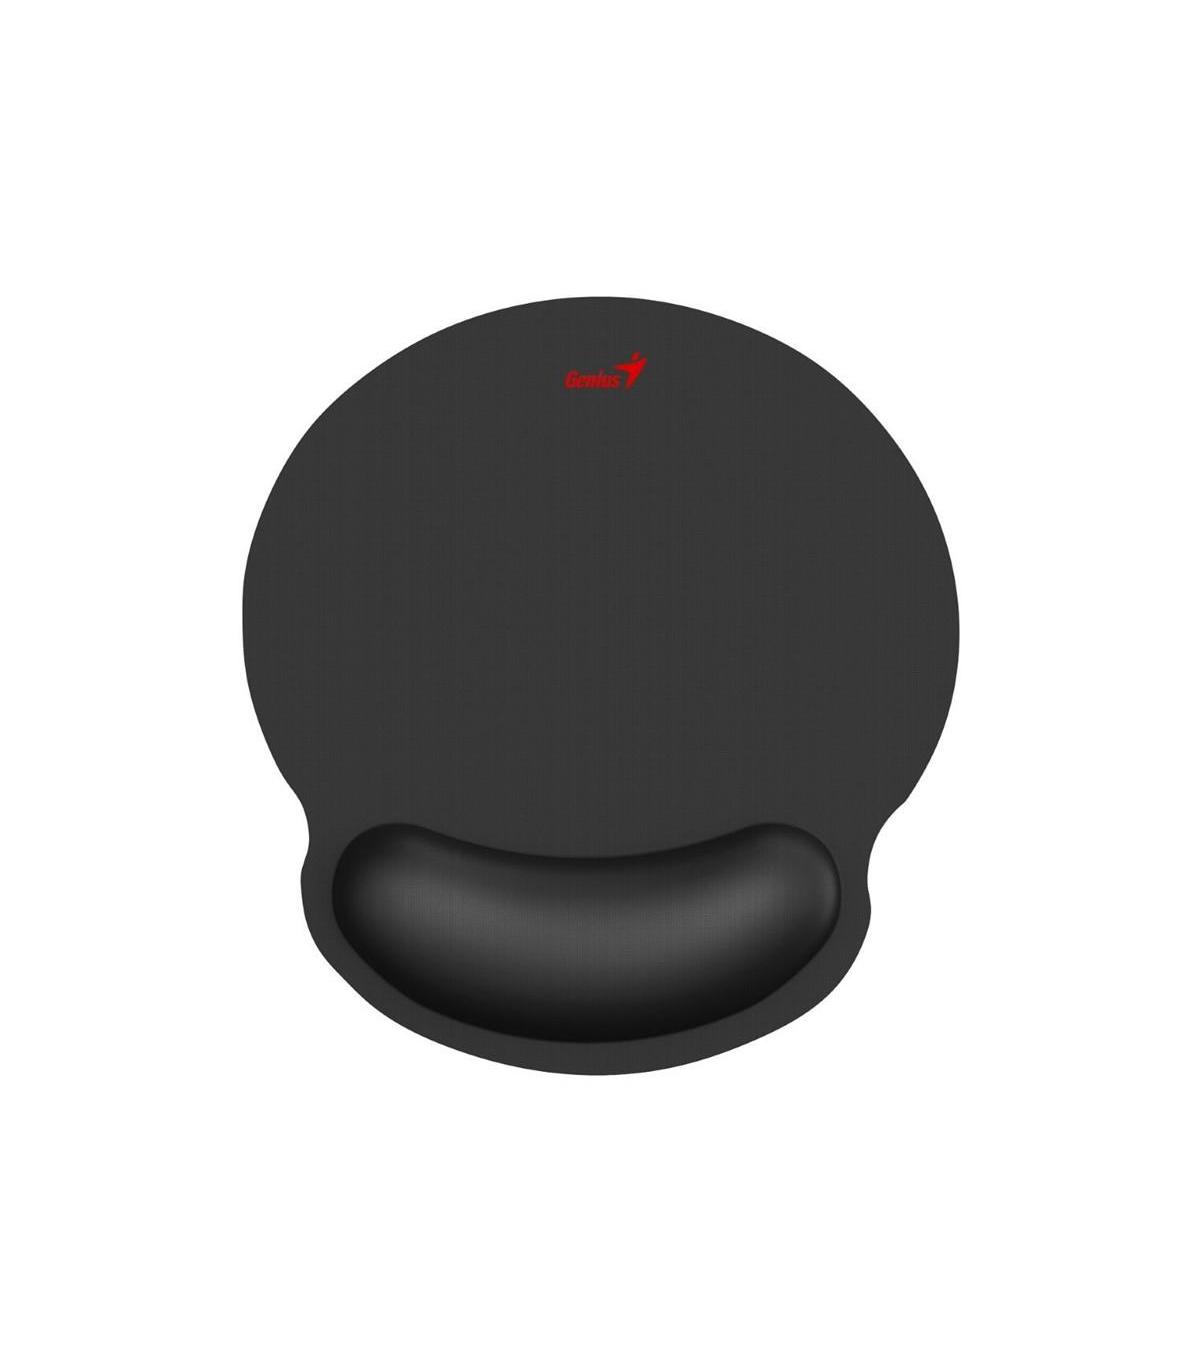 Pad Mouse Genius 31250011400